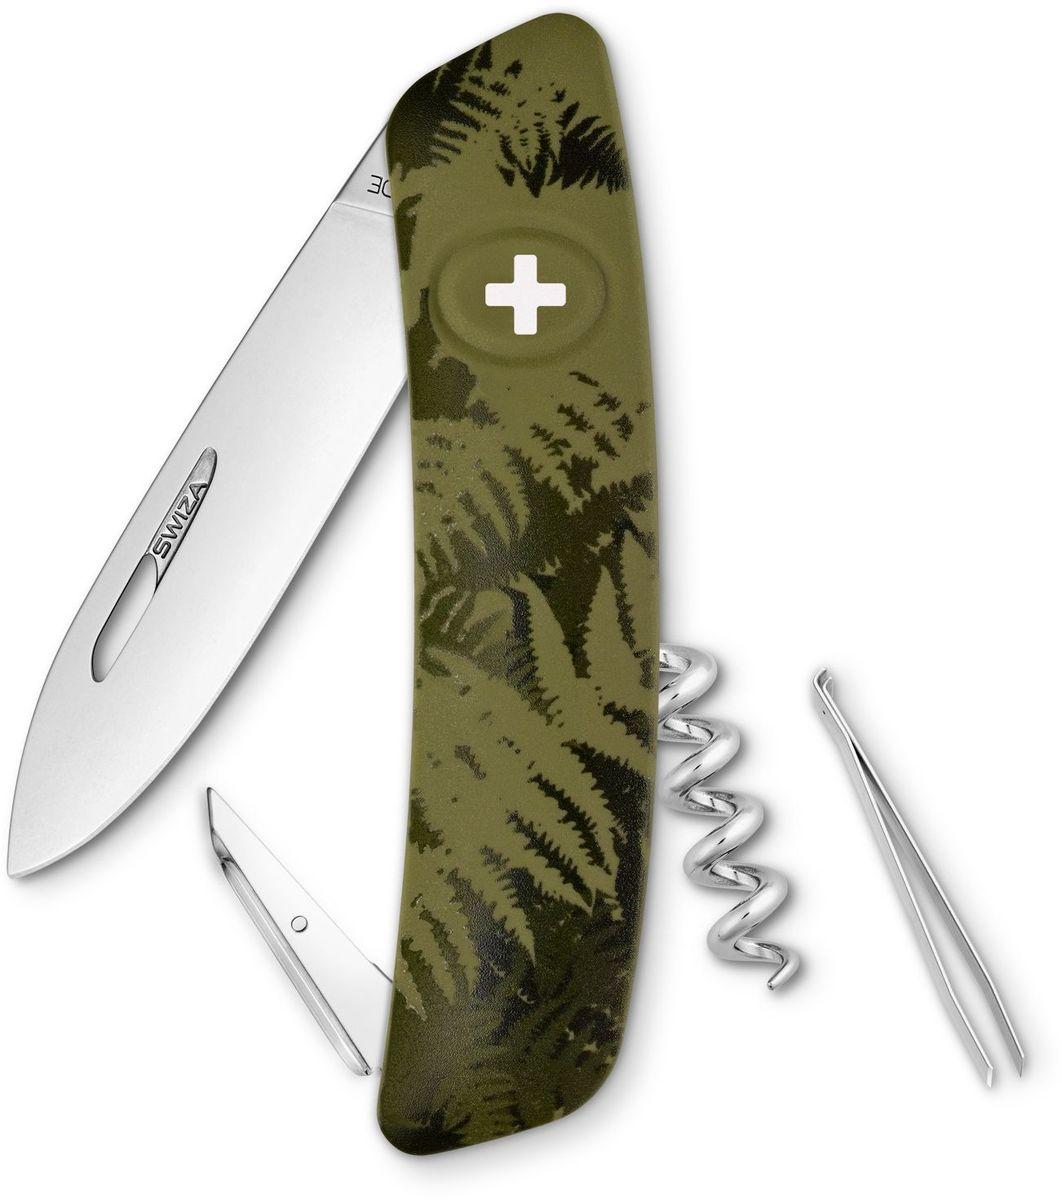 Нож швейцарский SWIZA C01, цвет: темно-зеленый, длина клинка 7,5 см